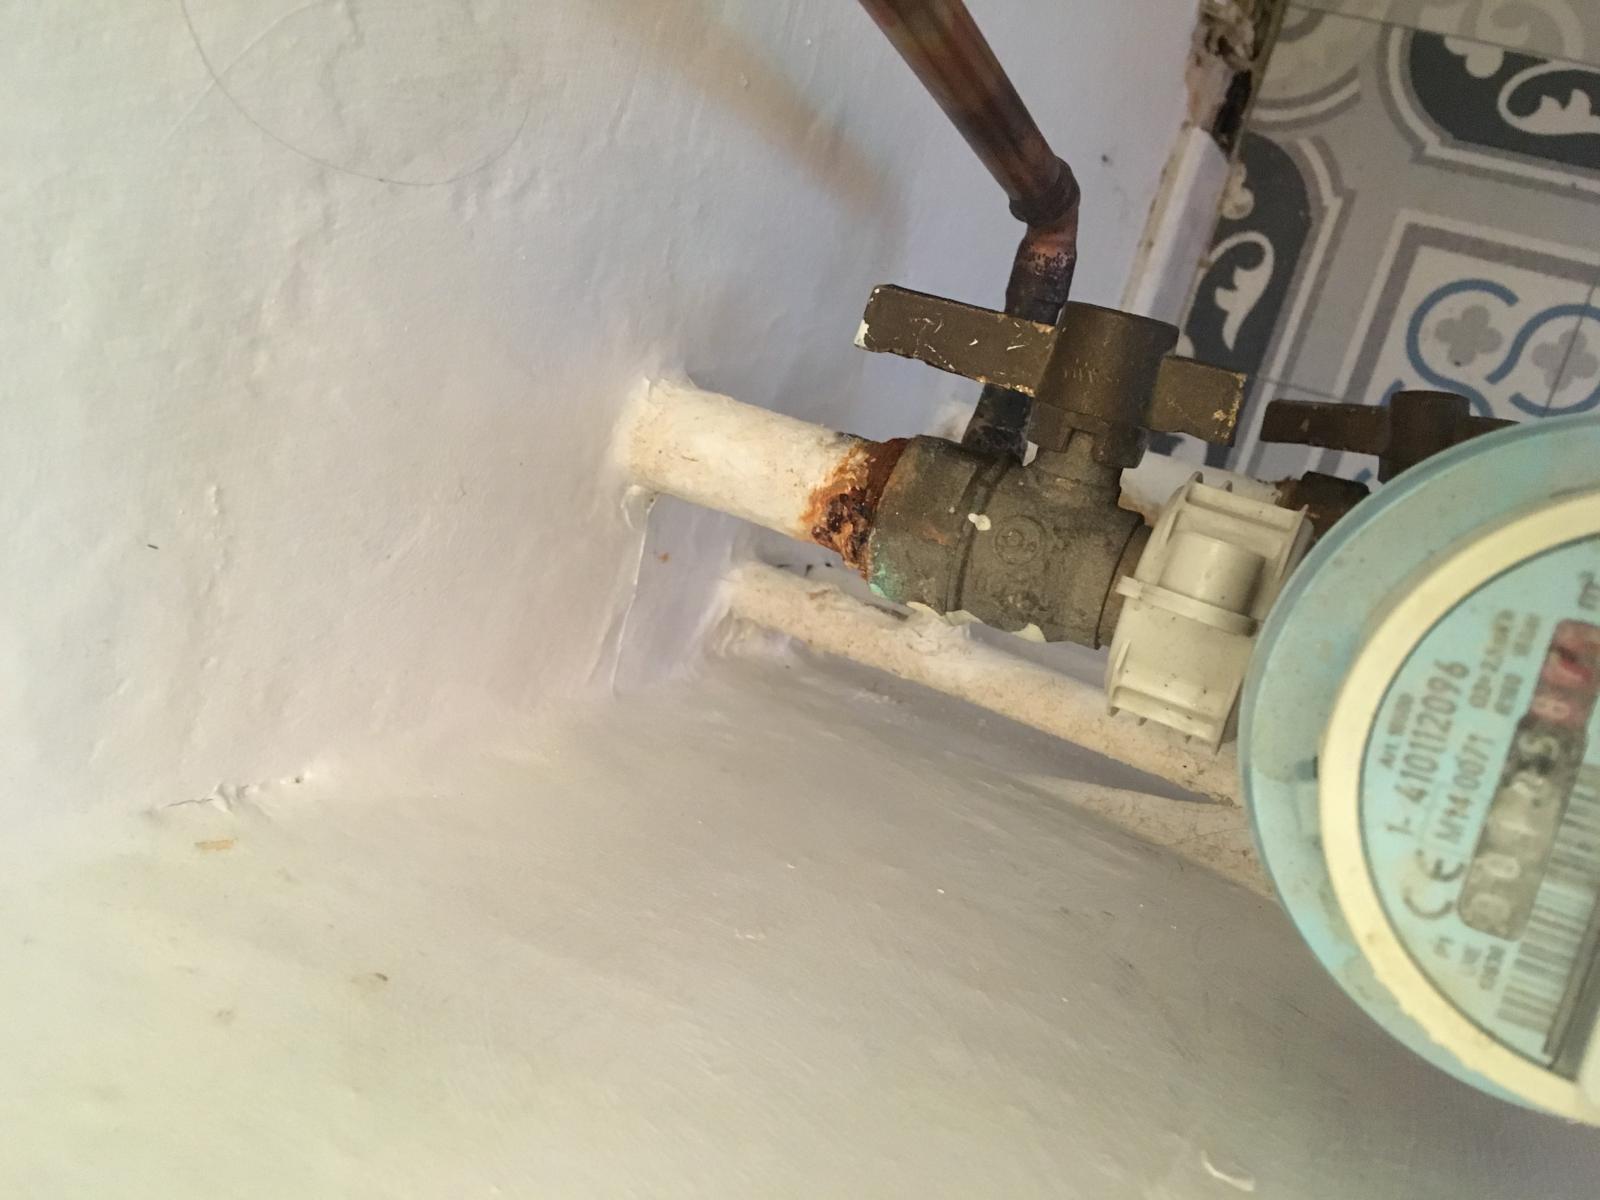 Réparation d'une colonne d'eau piqué par la rouille?